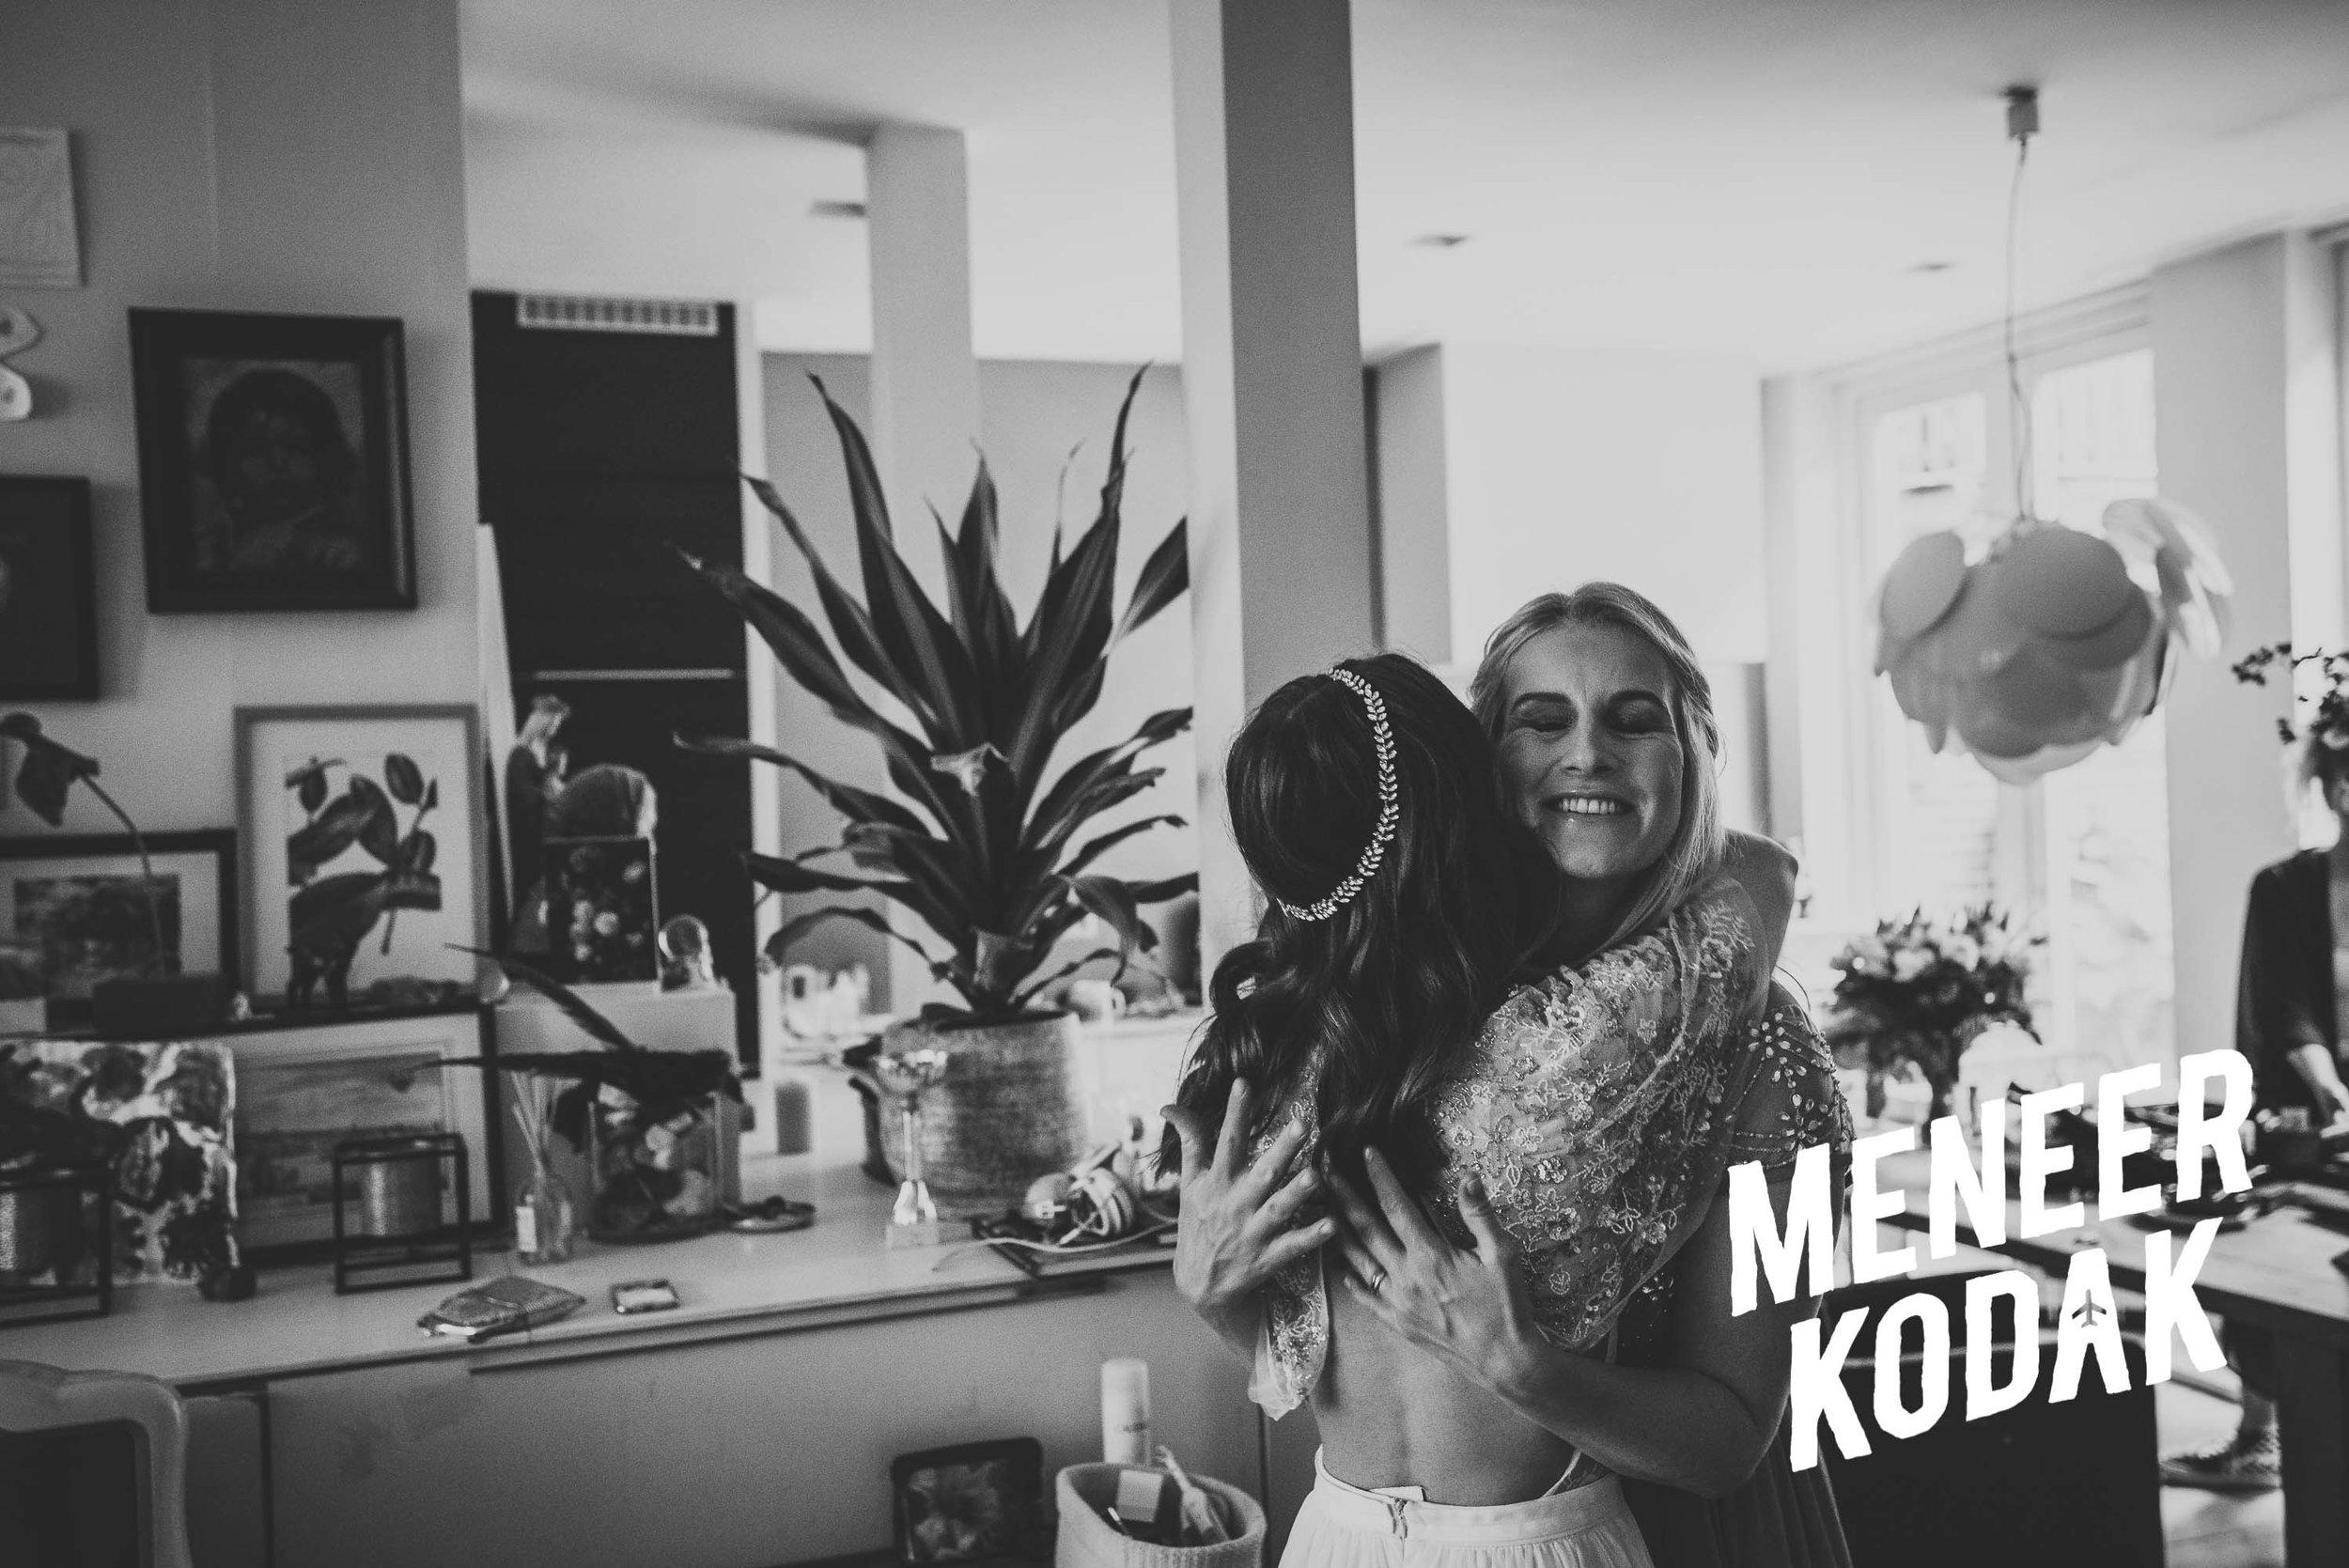 Meneer Kodak - Trouwfotograaf - Amsterdam - H&T-029.jpg